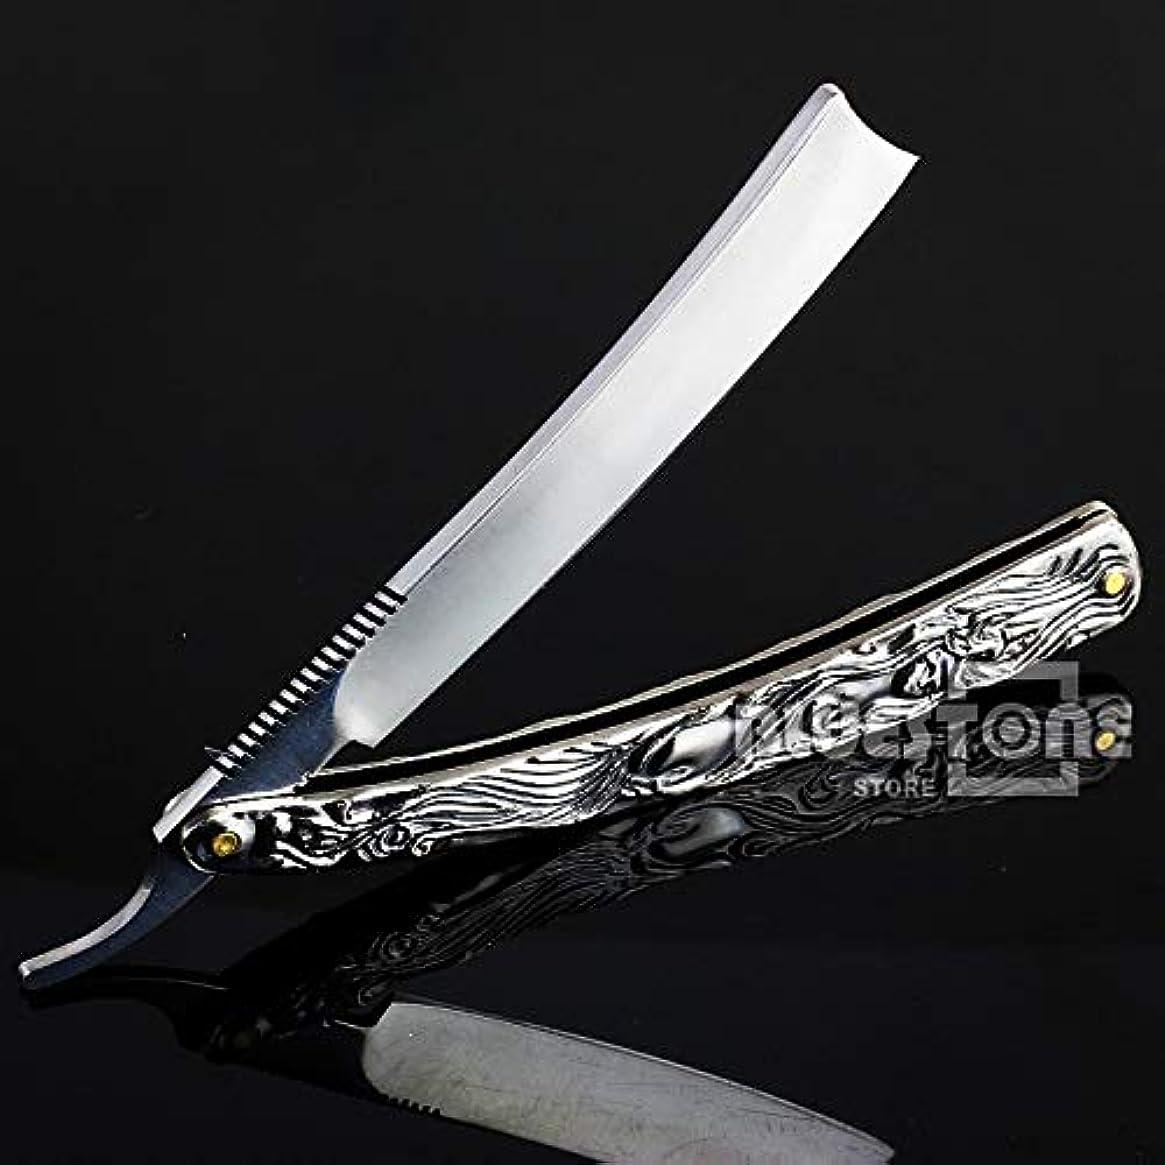 病院膿瘍不道徳Zyary - 高品質ヴィンテージアルミストレートエッジステンレススチールシェイパー理容カミソリ折りたたみシェービングナイフ